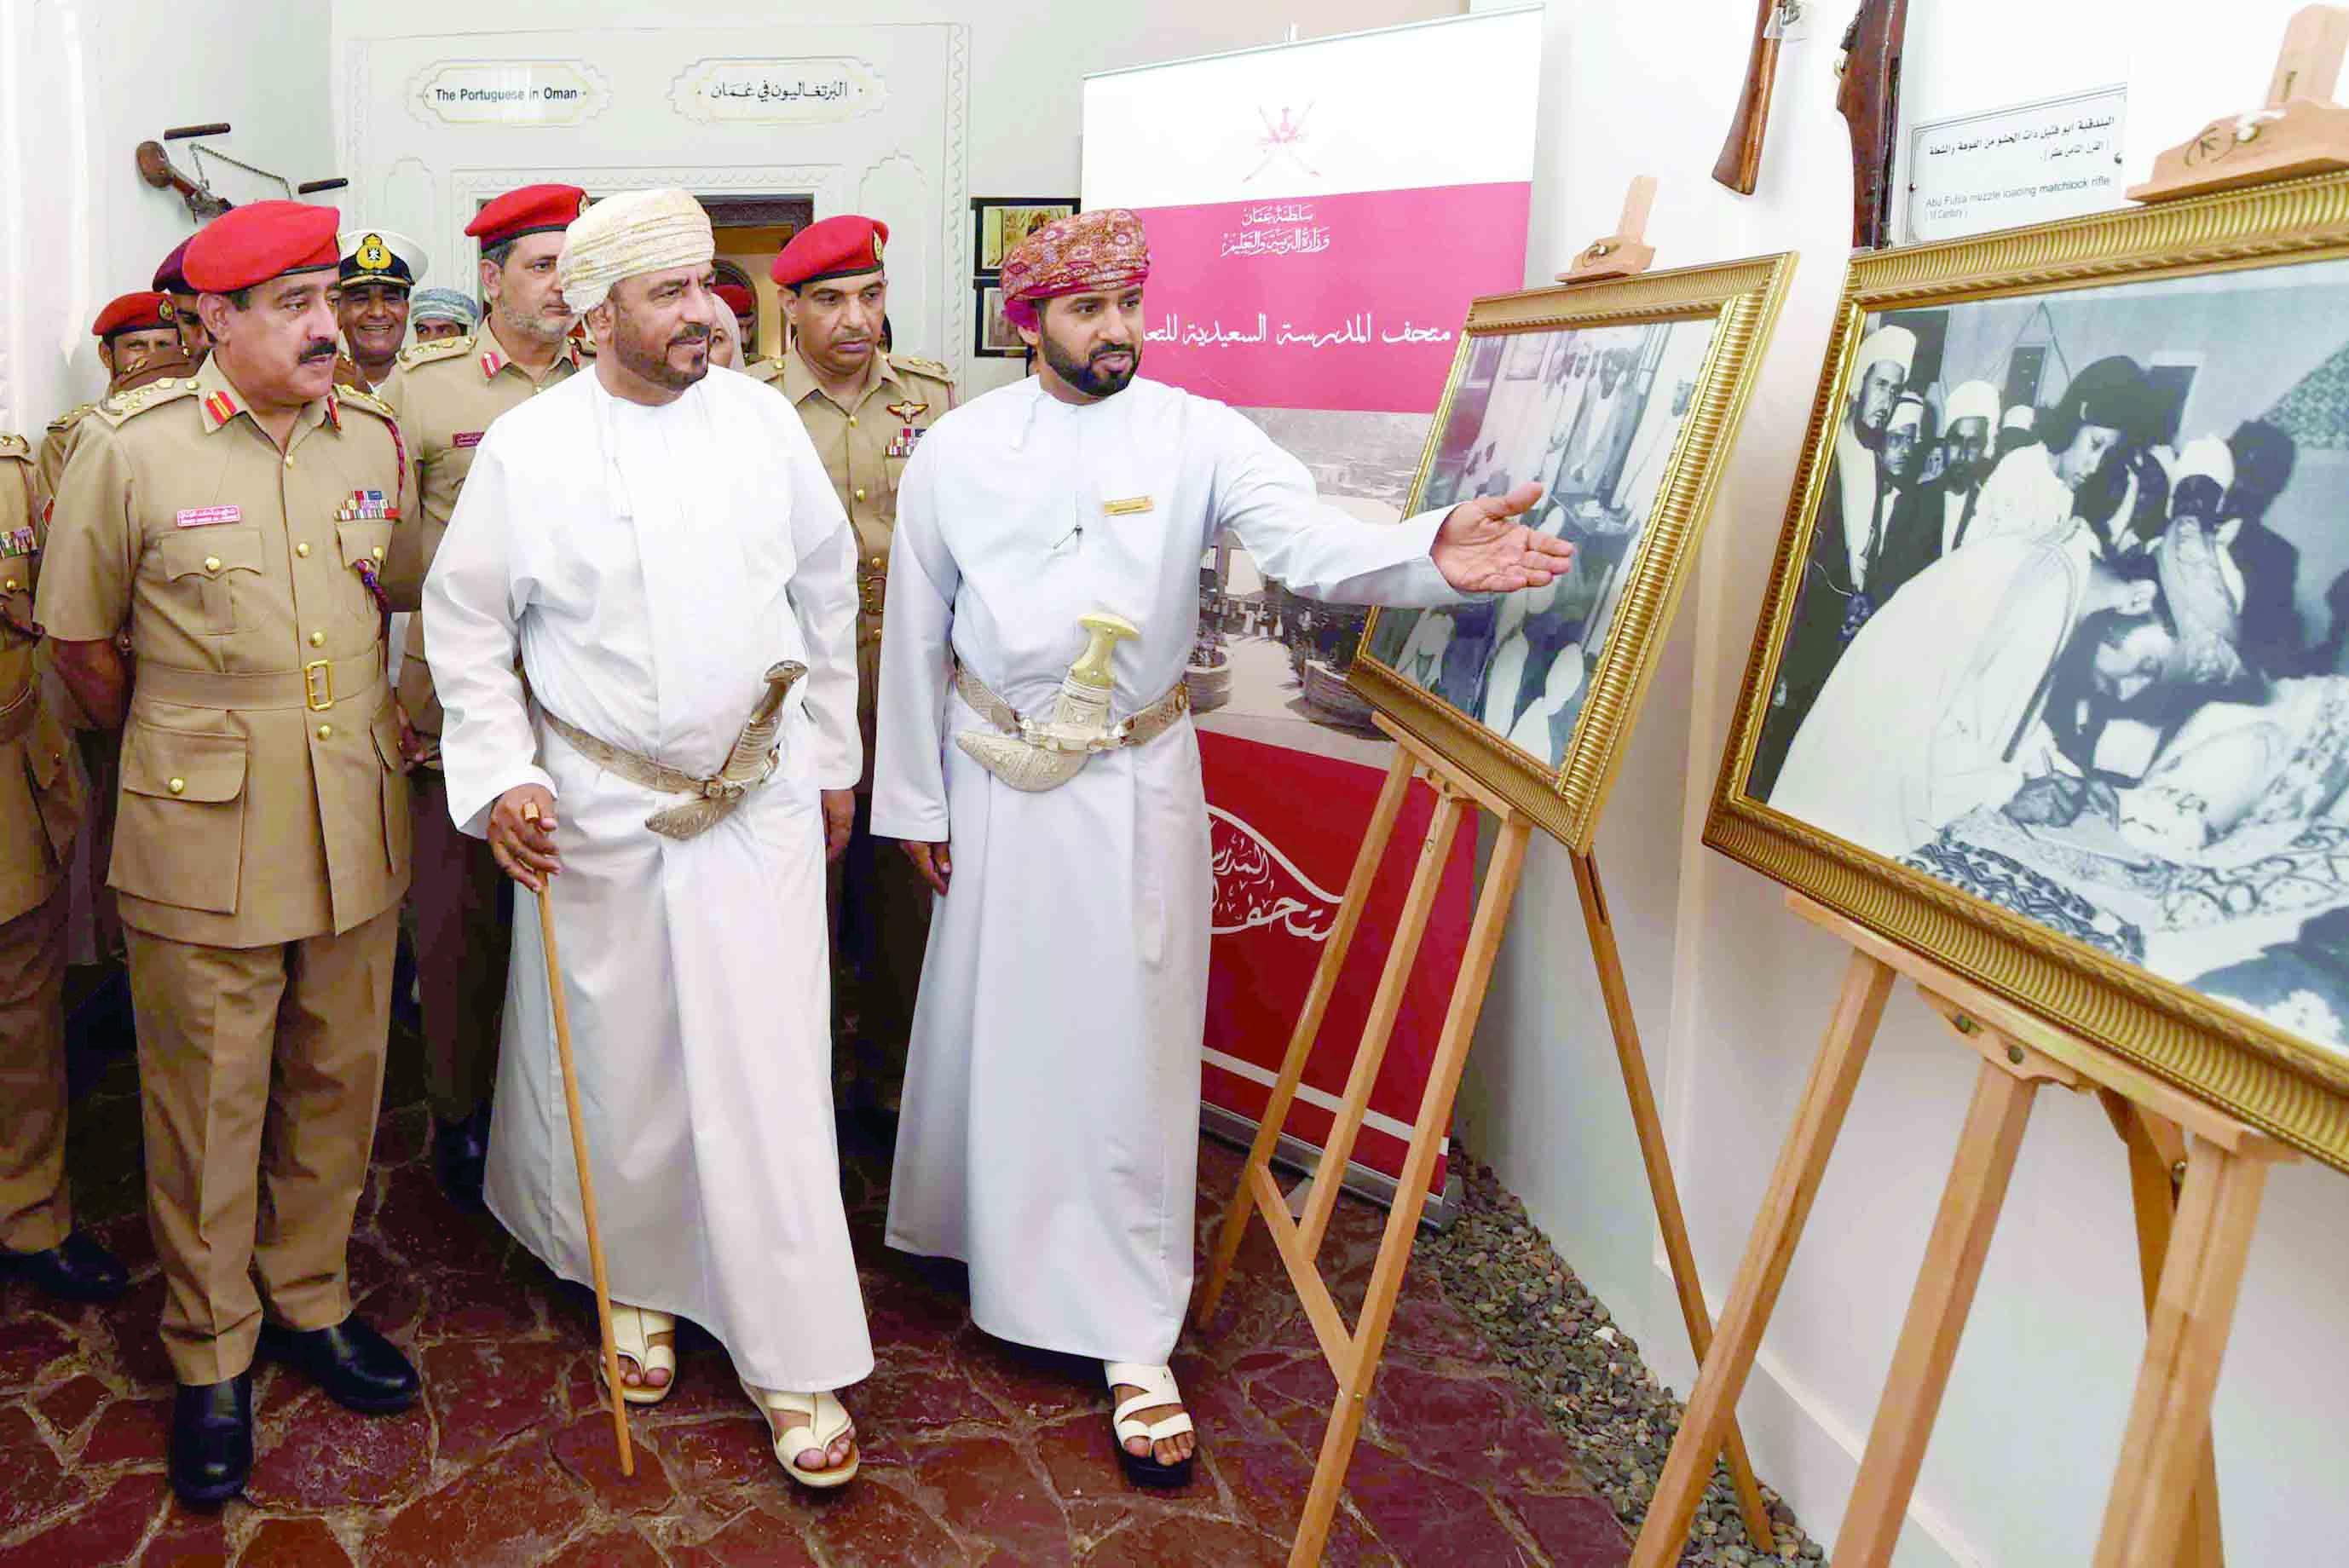 متحف القوات المسلحة يحتفل باليوم العالمي للمتاحف